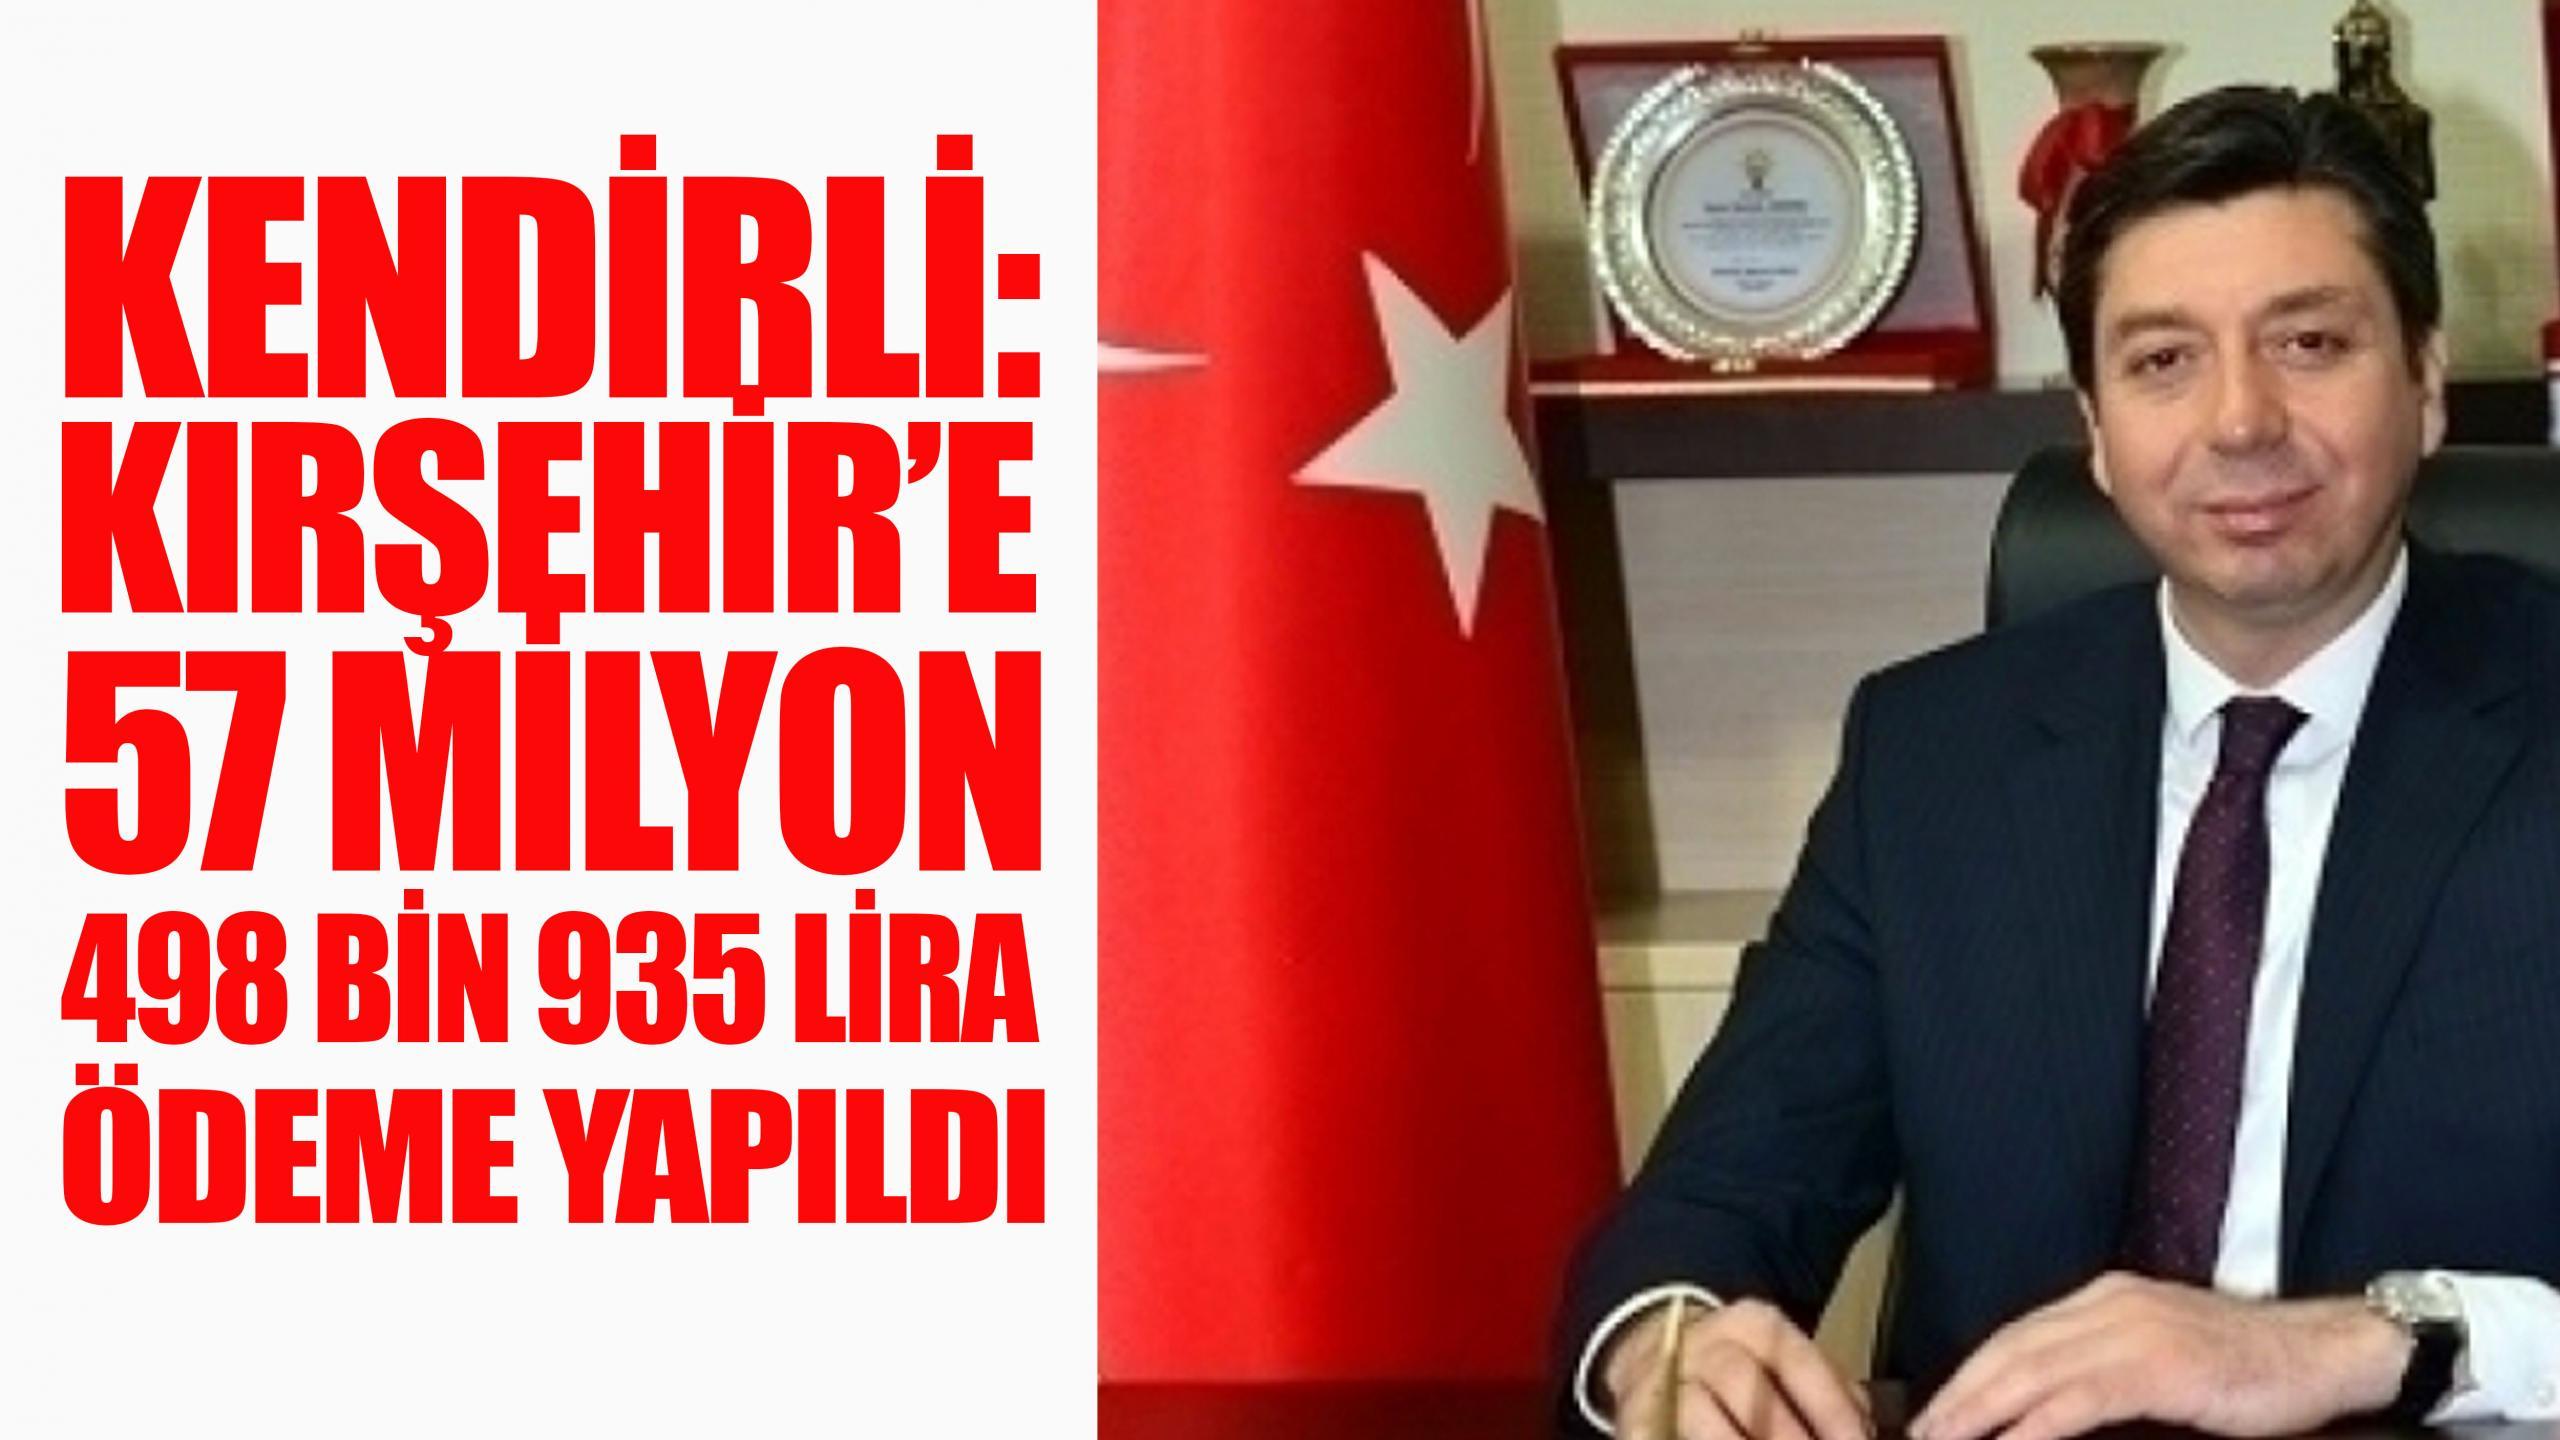 Kendirli: Kırşehir'de 57 milyon 498 bin 935 lira ödeme yapıldı